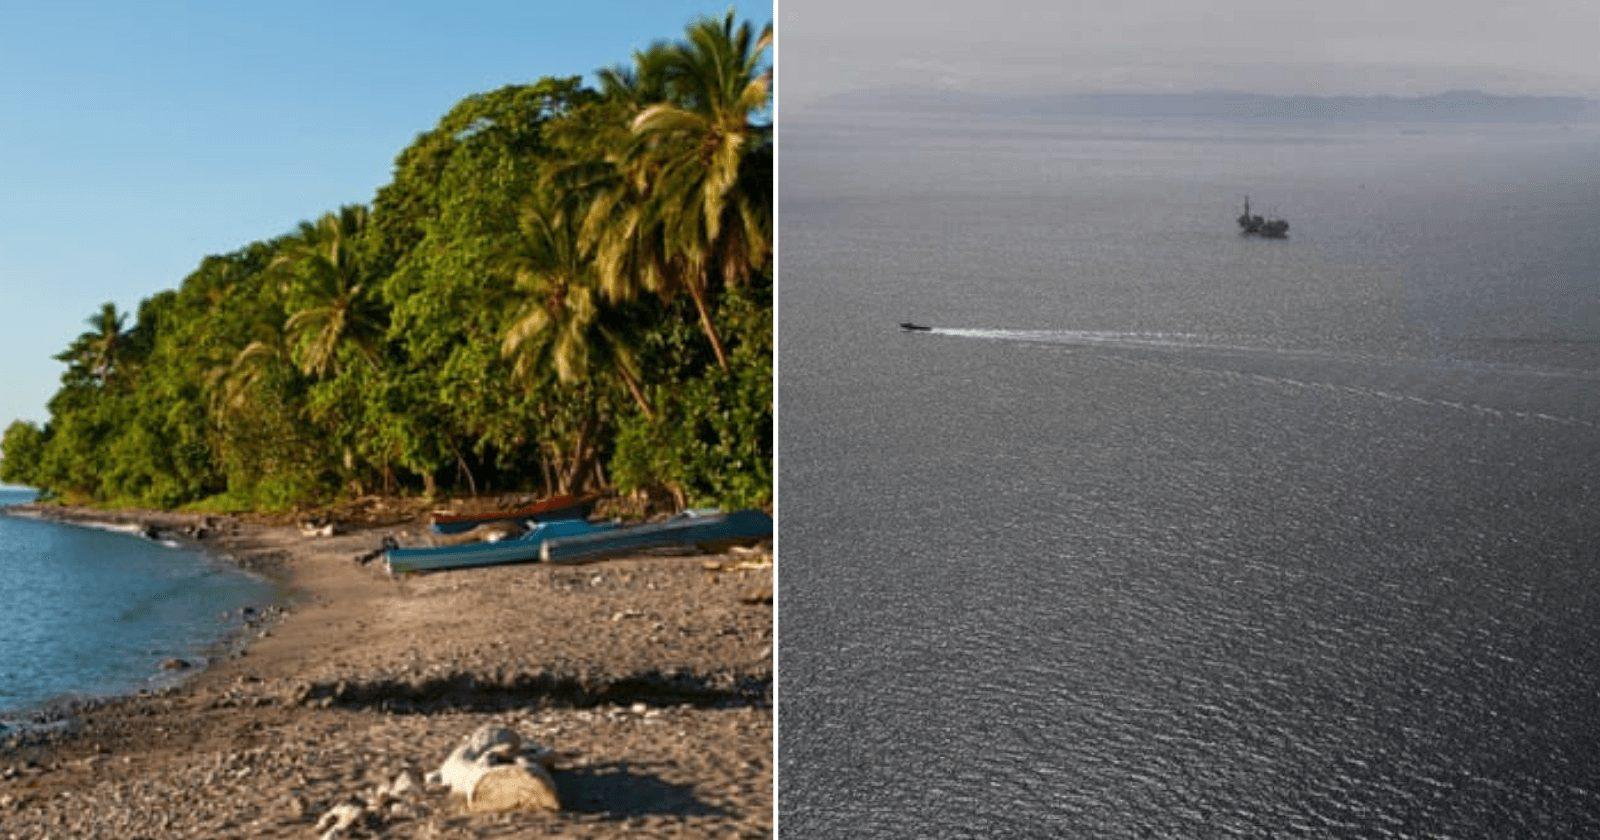 Homens sobrevivem 29 dias perdidos no mar com 'oração e frutas'